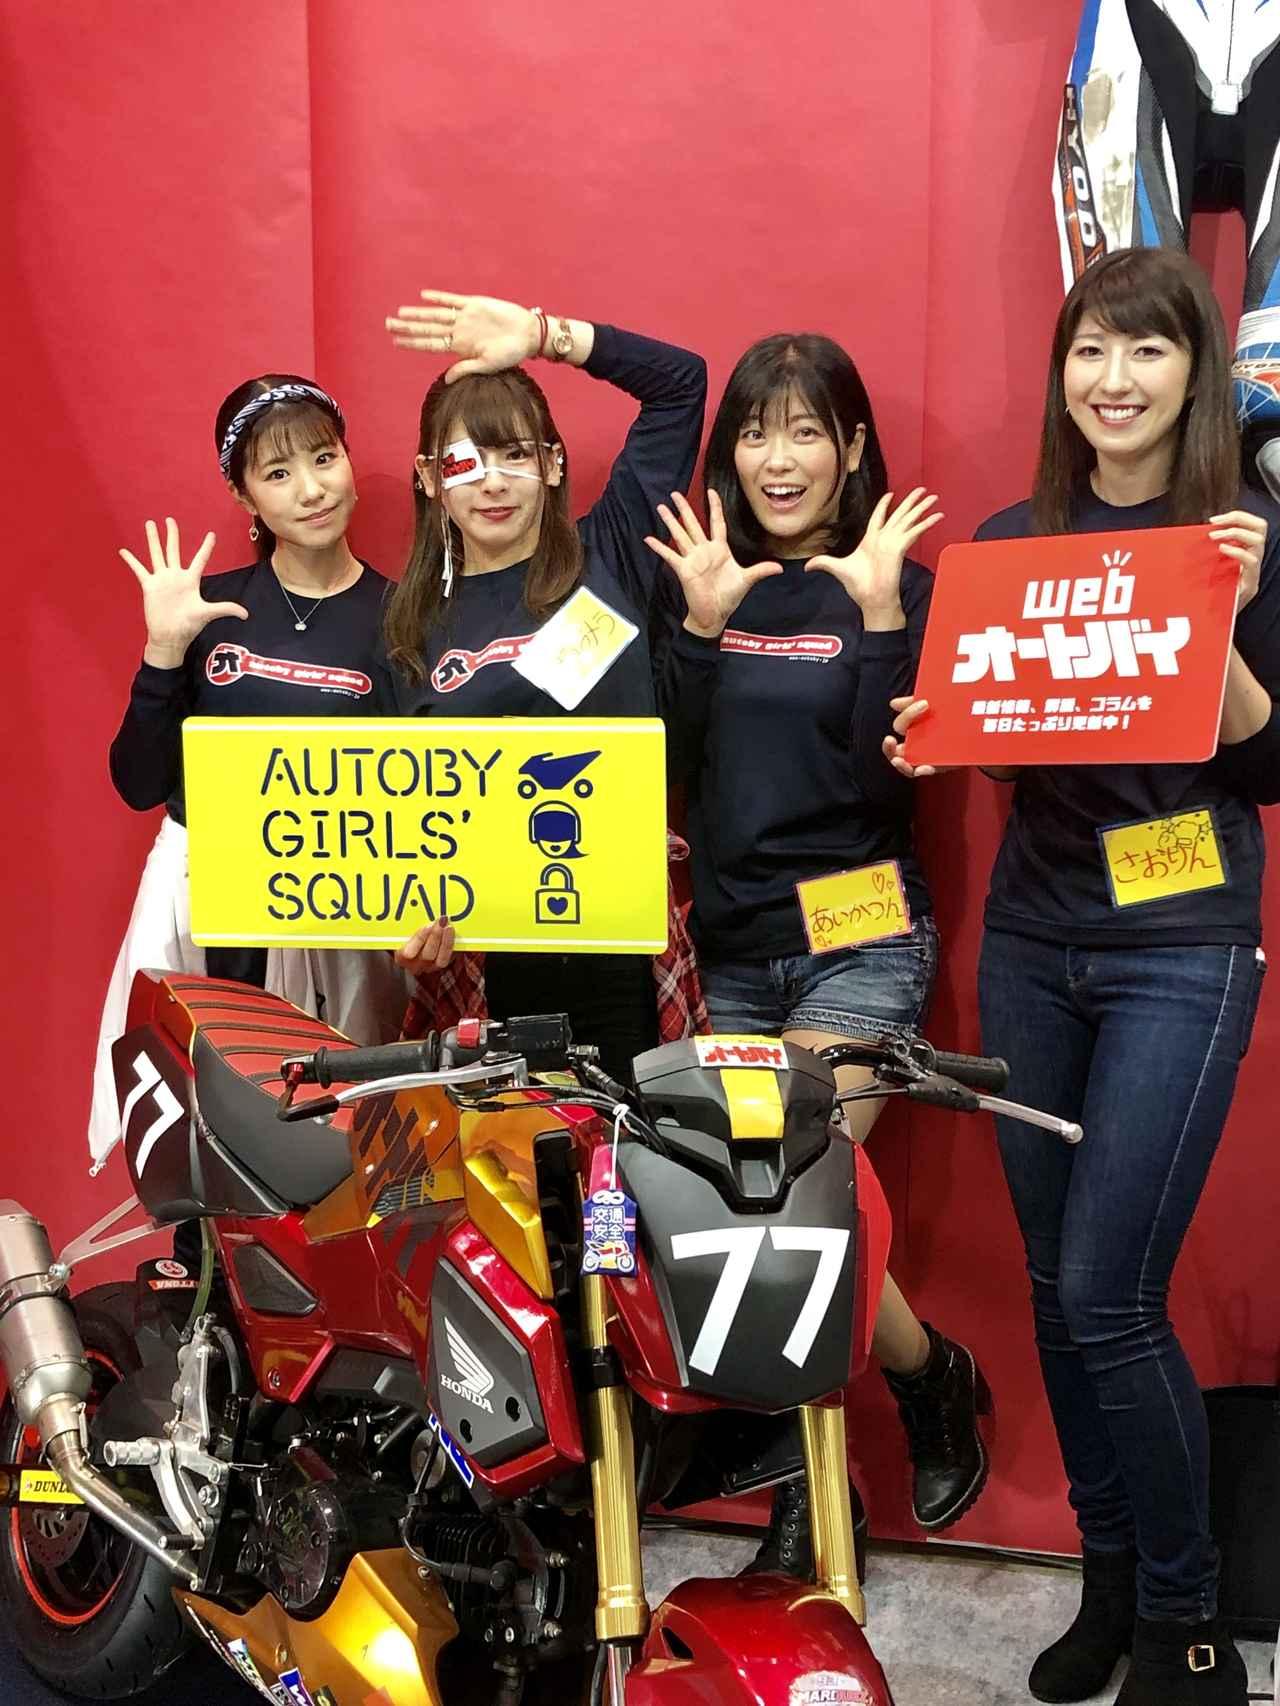 Images : 34番目の画像 - つづきは、こちらでどうぞ! オートバイ女子部の東京モーターサイクルショー2019 - webオートバイ